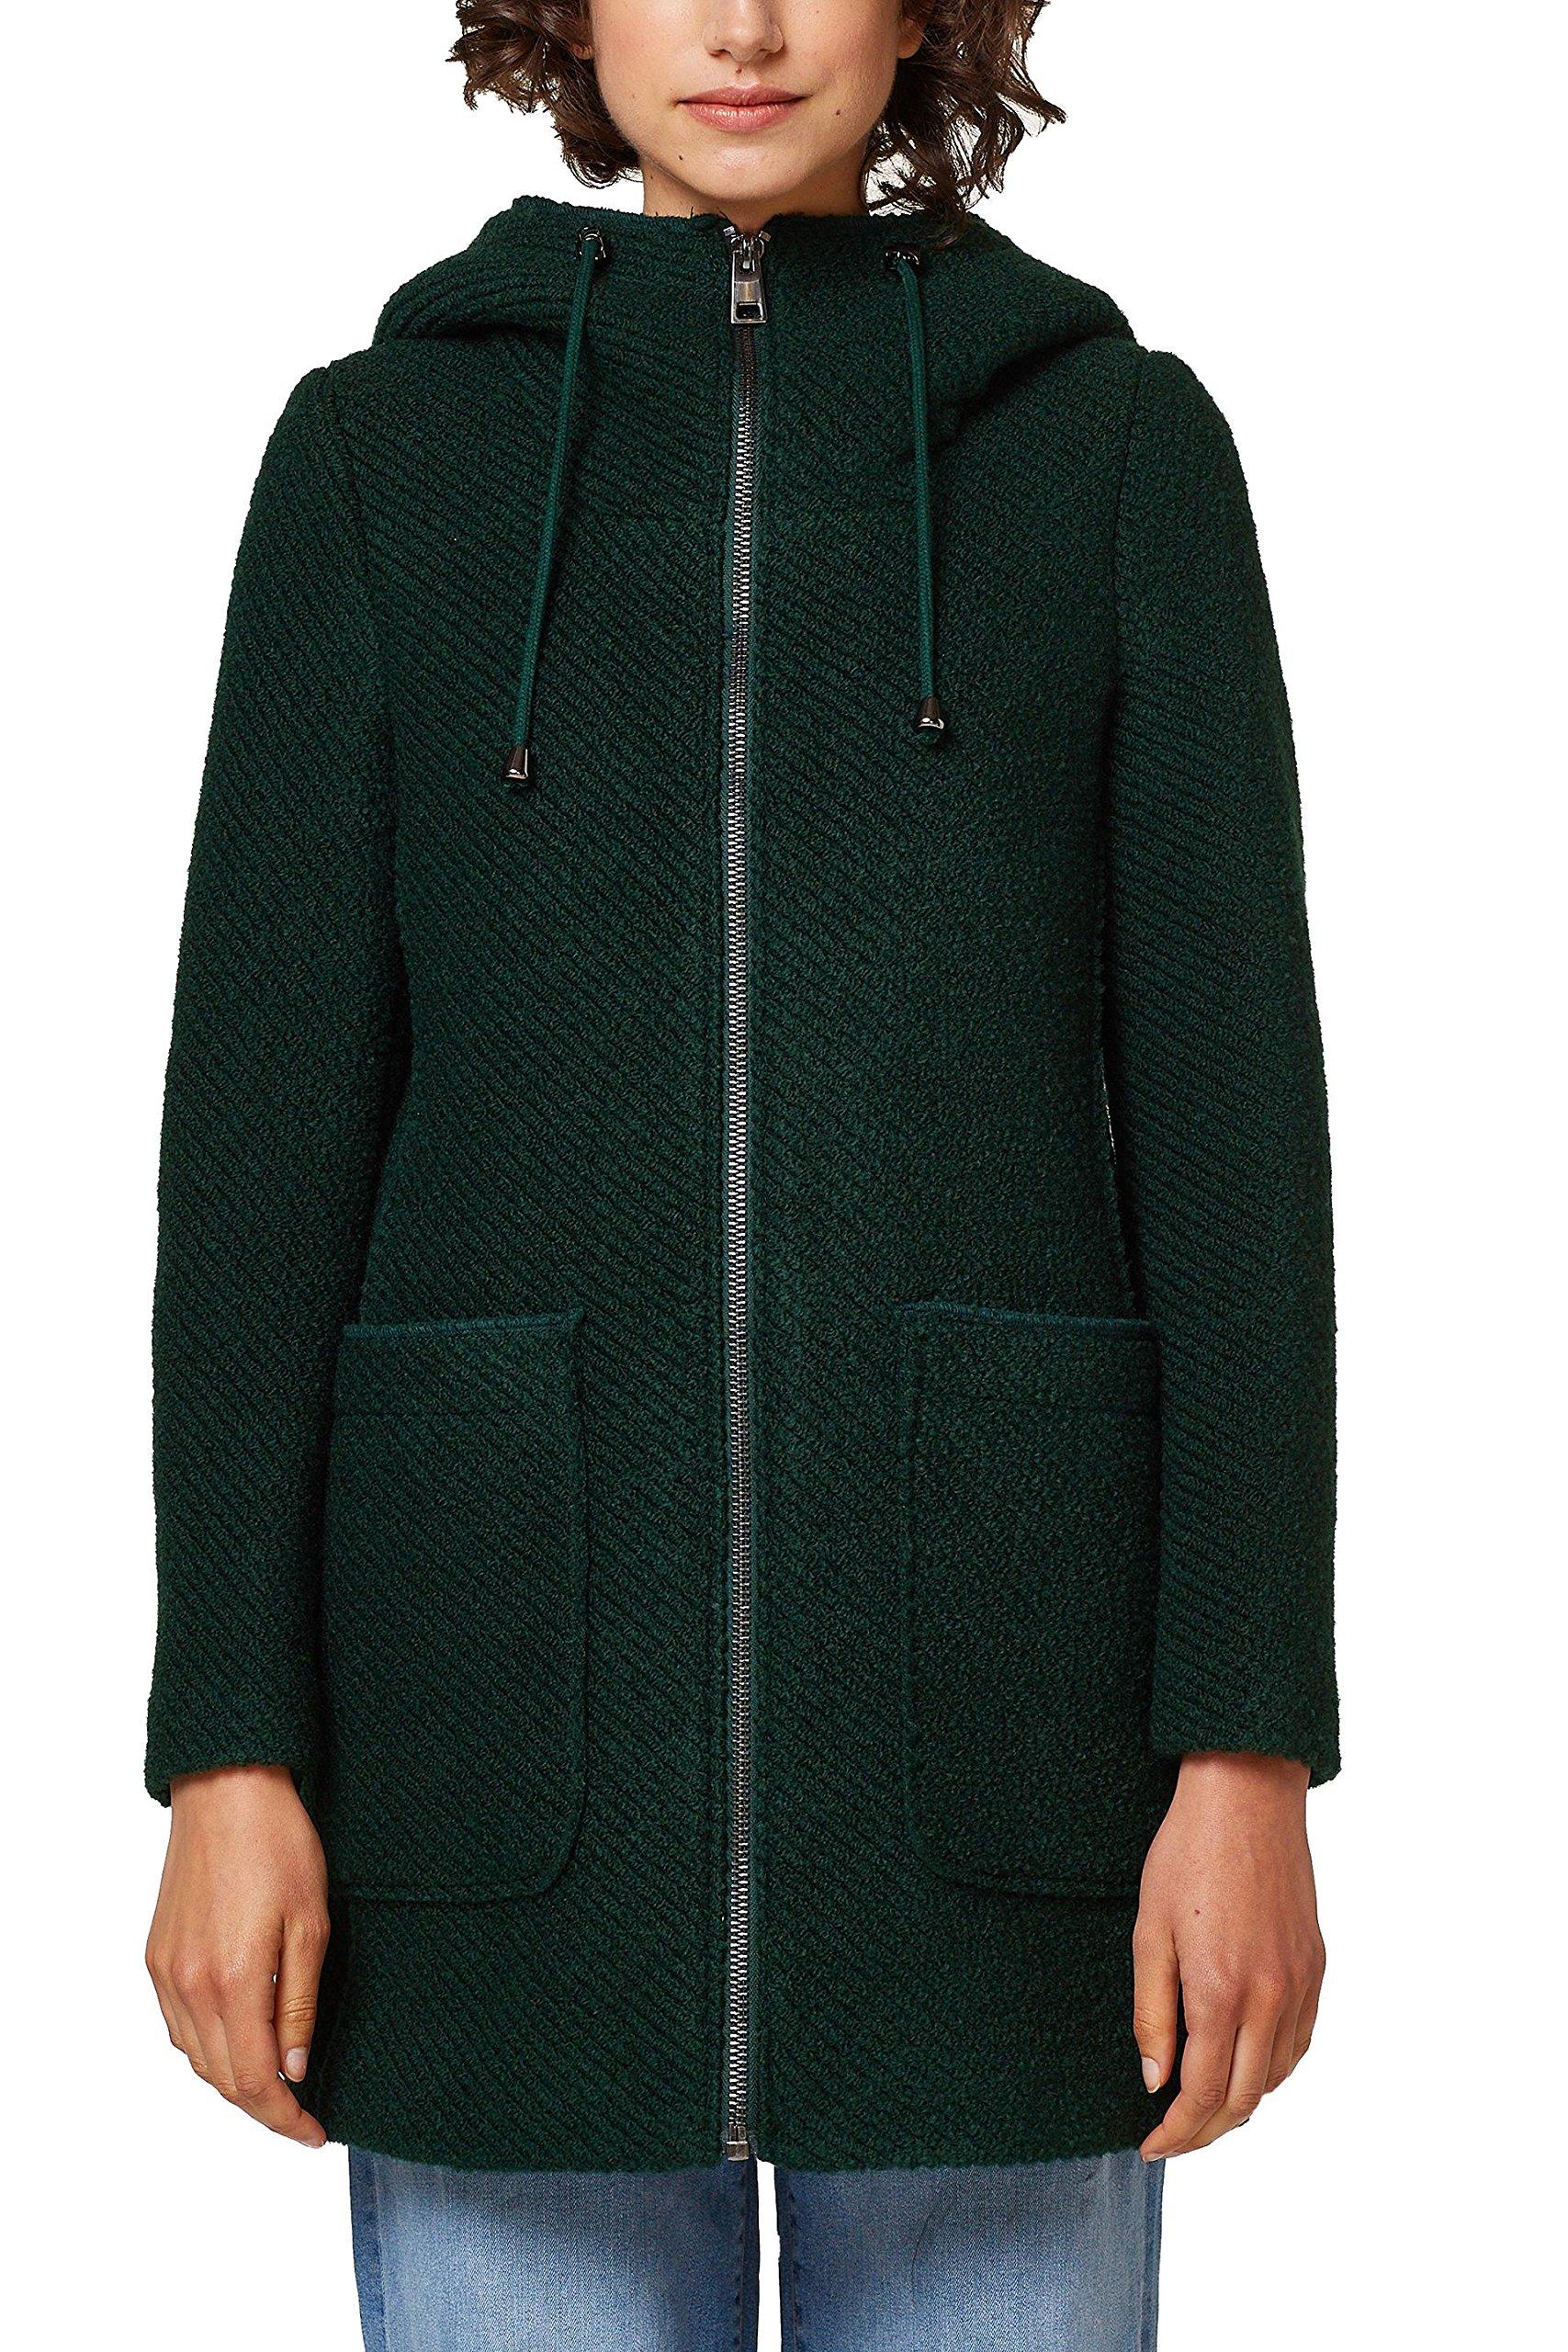 088ee1g042 Green Esprit Femme ManteauVertdark Teal 375Small eI2WD9YEHb